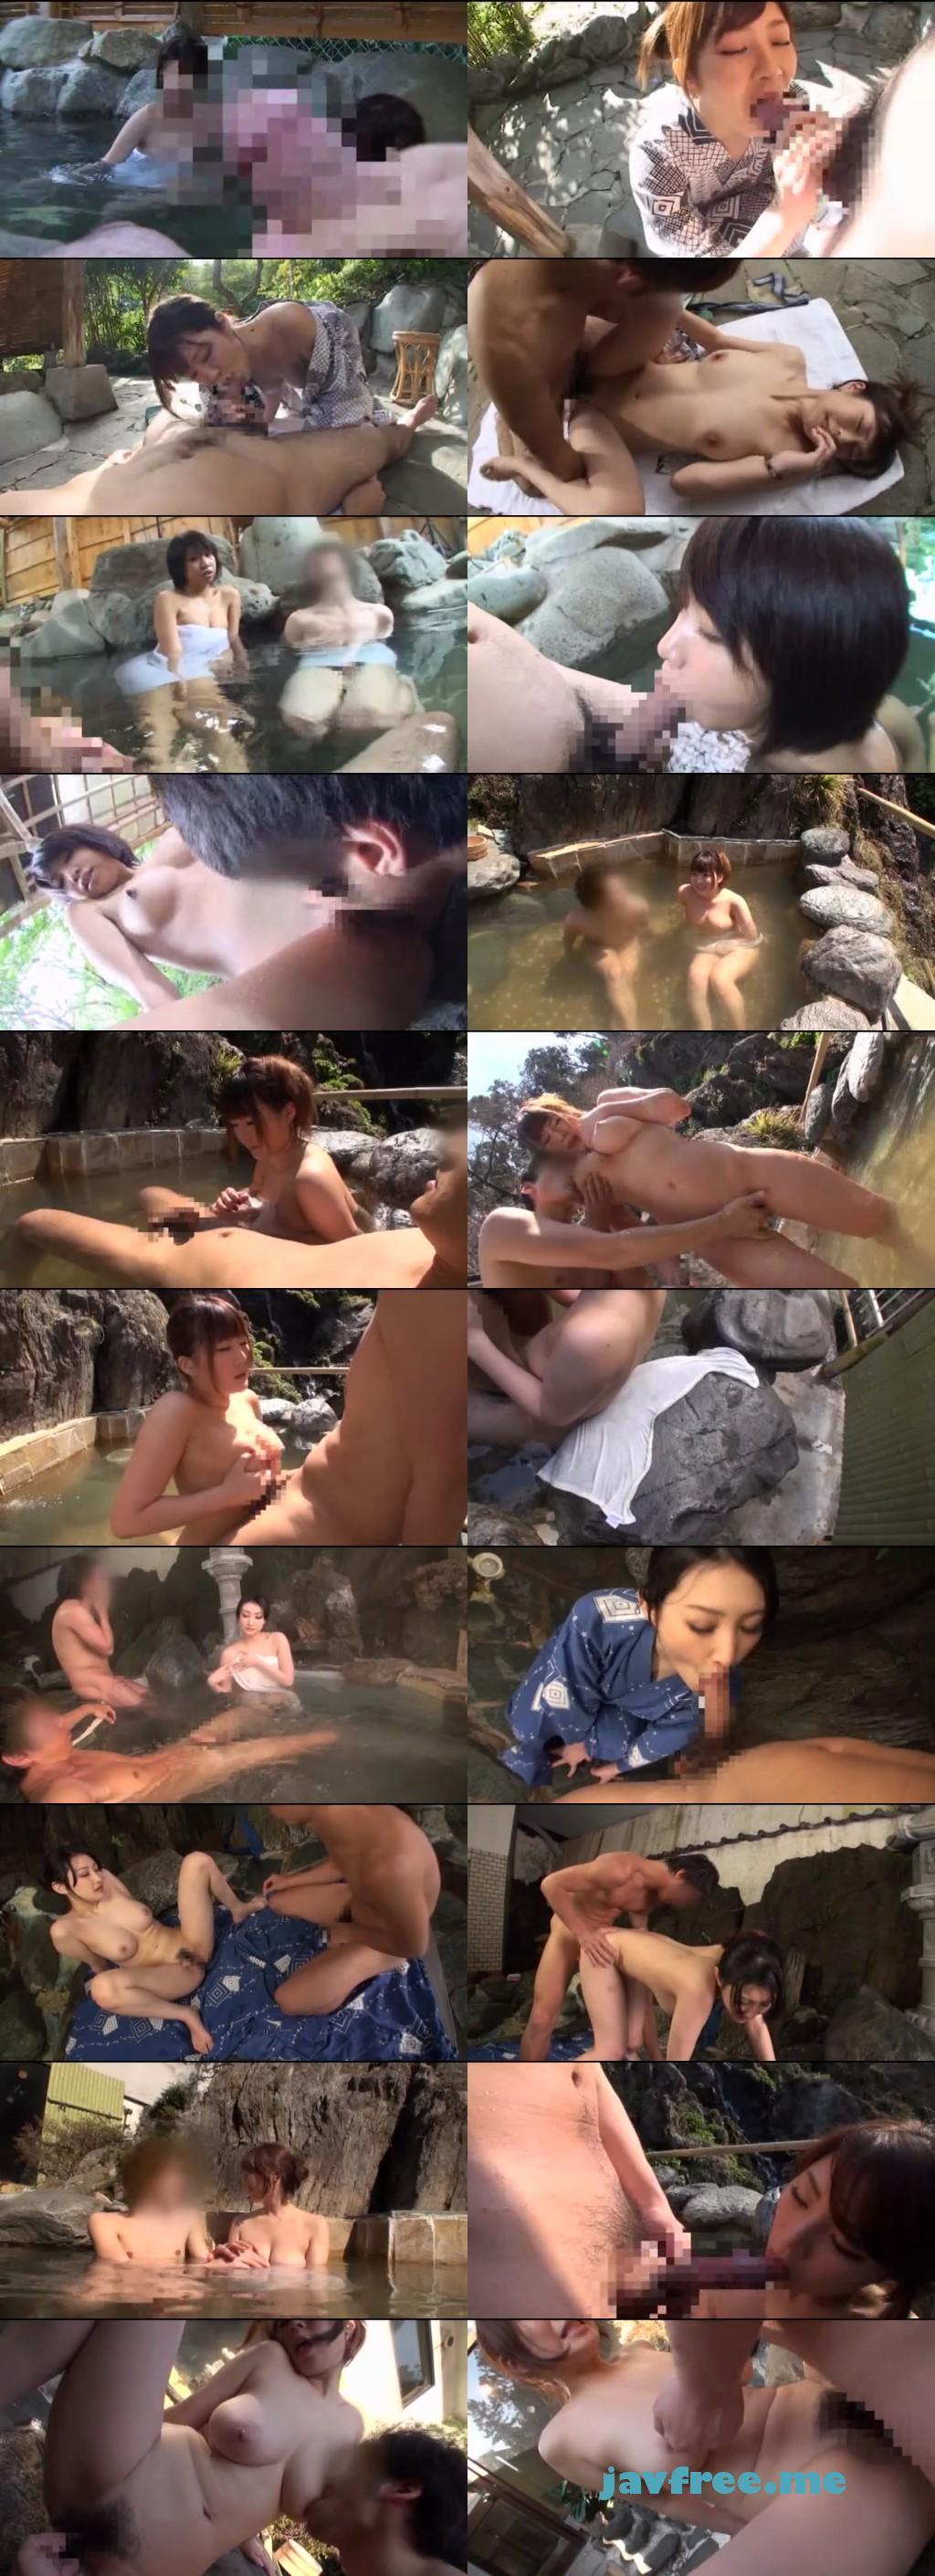 [SCOP 081] 混浴風呂に入浴しているカップルの女の前で俺のデカチンを見せつけたら彼女の視線がくぎ付けに!彼氏には内緒でこっそりヤッちゃいました!! SCOP